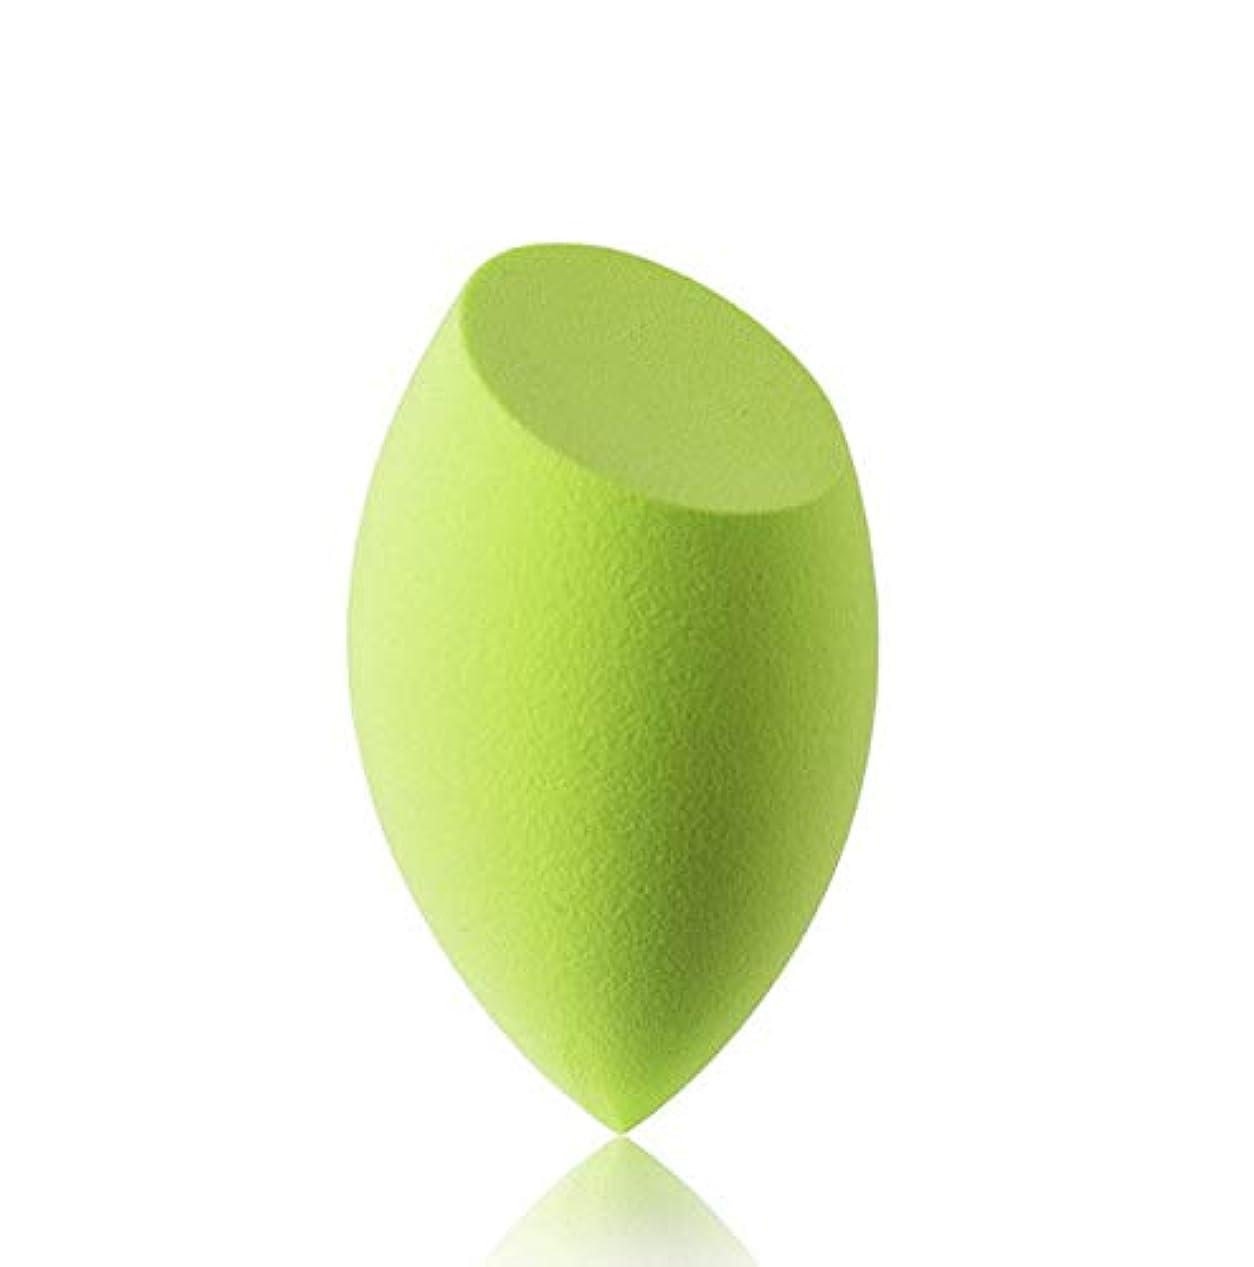 ロイヤリティ体操選手報いる美容スポンジ、ソフトブルー、グリーン美容エッグメイクブレンダーファンデーションスポンジ (Color : グリンー)